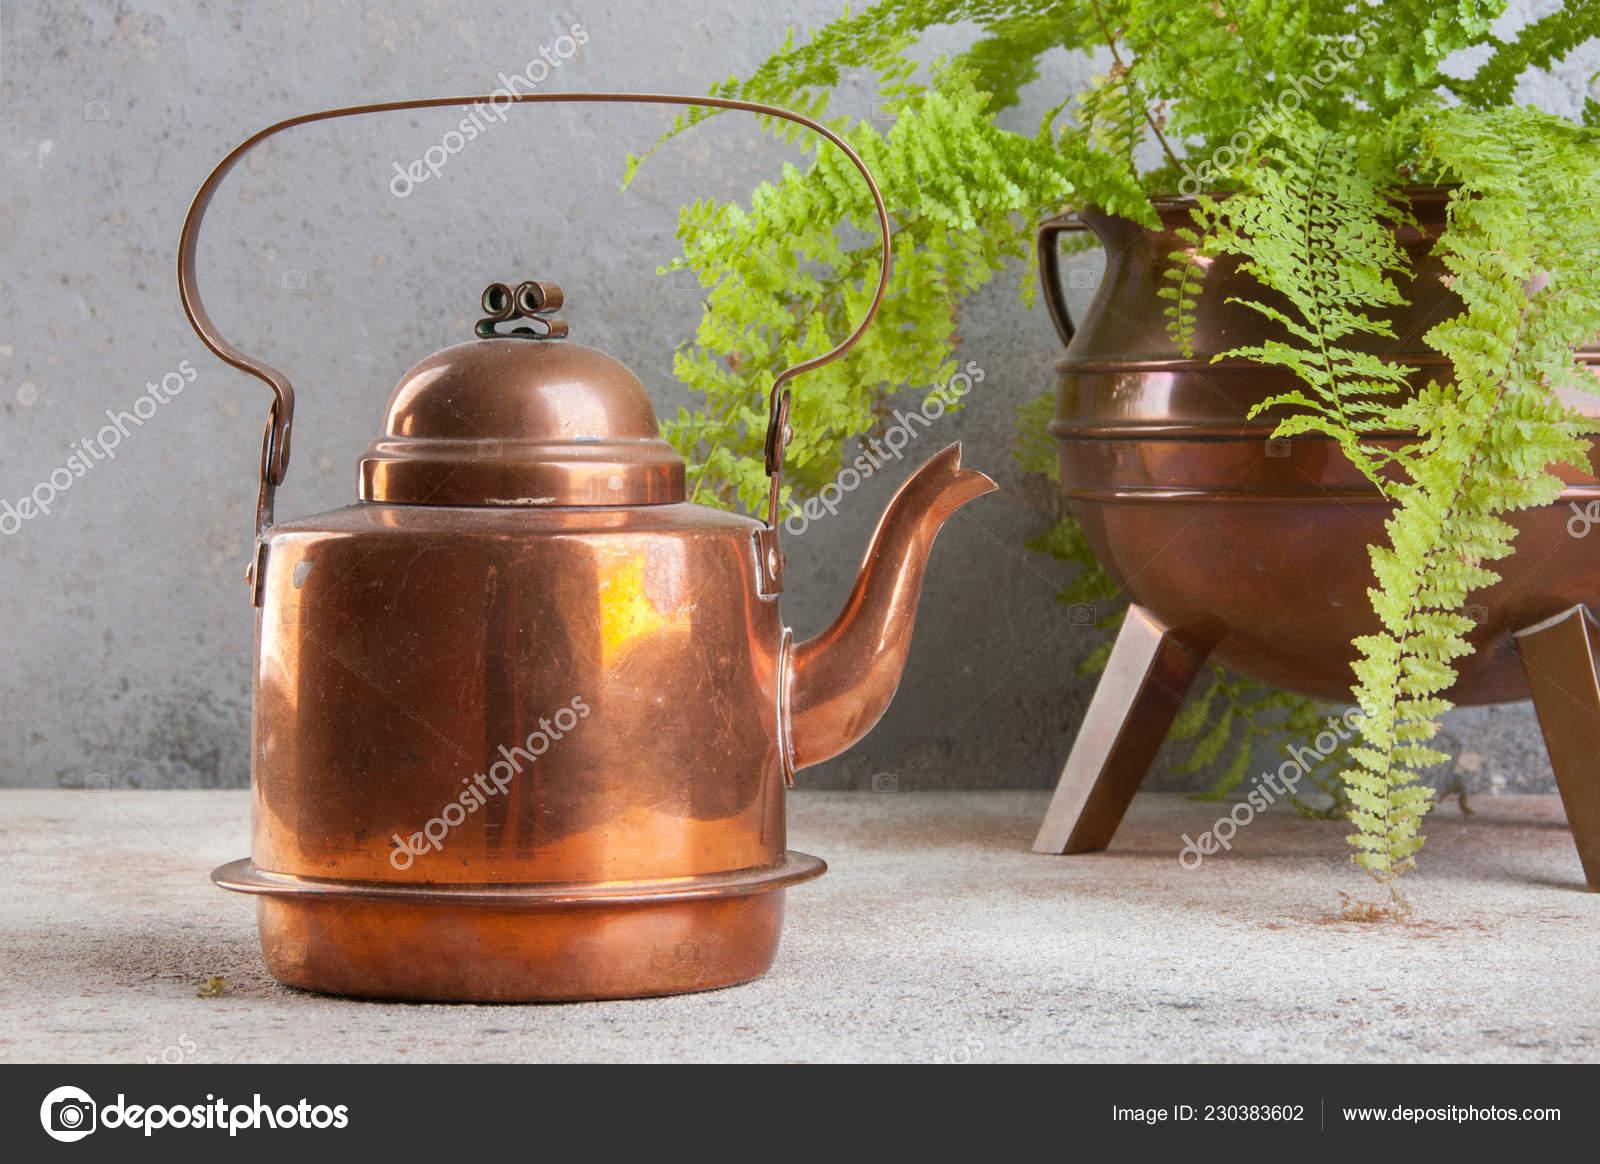 Vintage Copper Kettle Green Plant Copper Flower Pot Concrete Background \u2014 Stock Photo & Vintage Copper Kettle Green Plant Copper Flower Pot Concrete ...